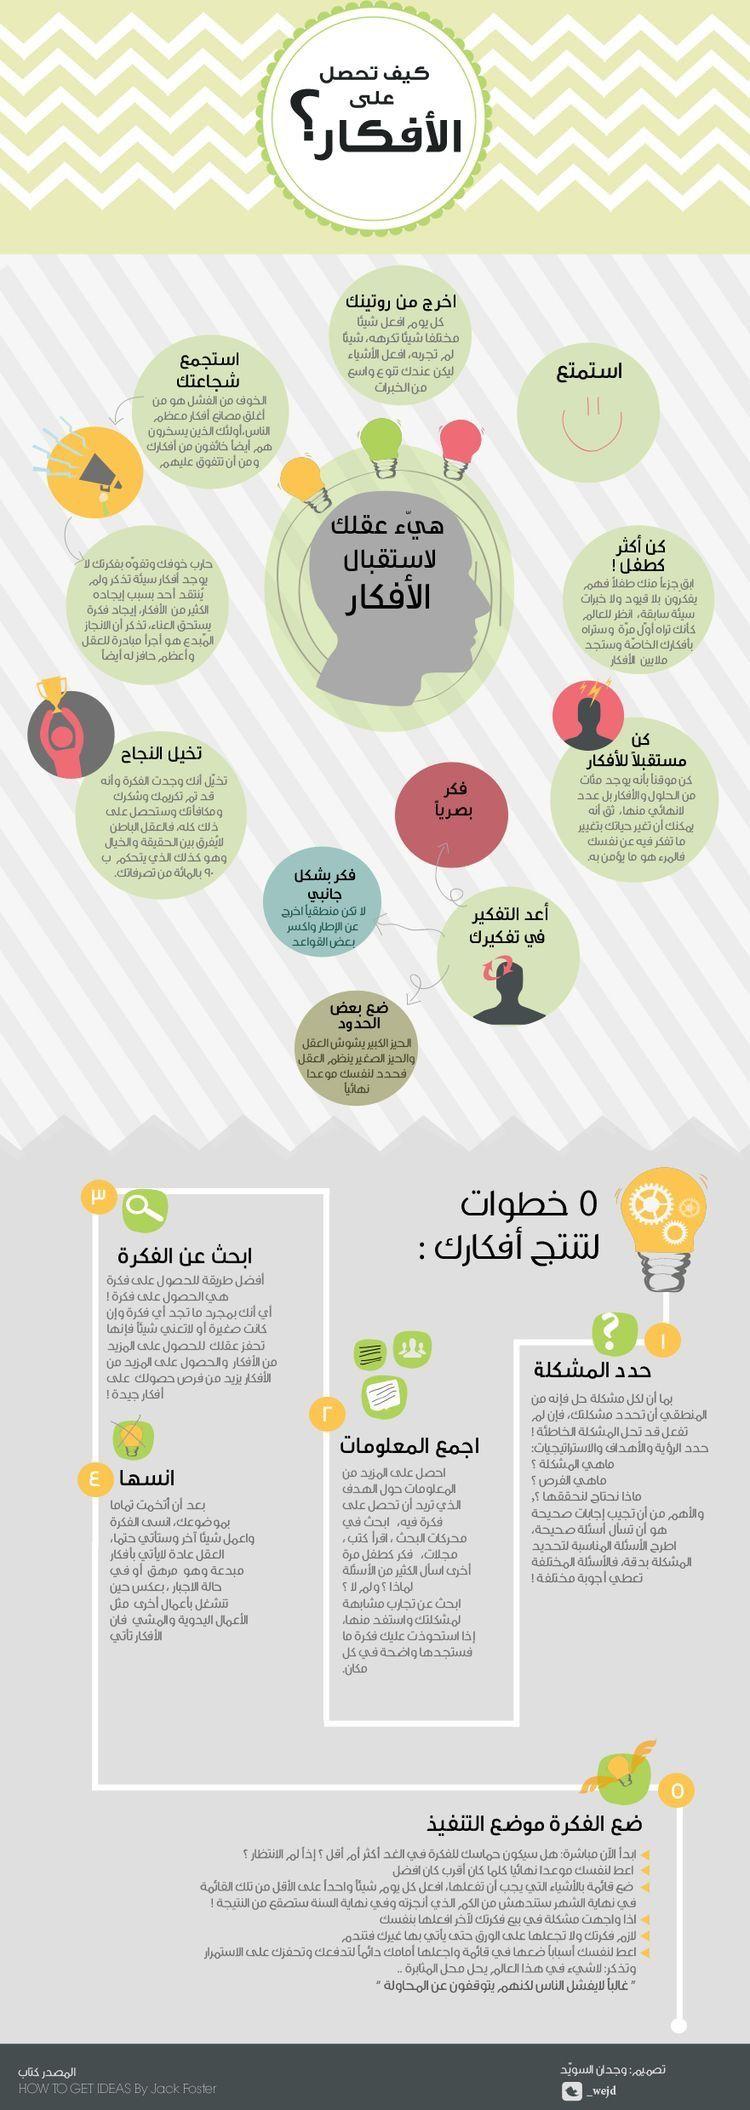 13 تحديا في تطوير الذات Life Habits Life Planner Organization Life Skills Activities